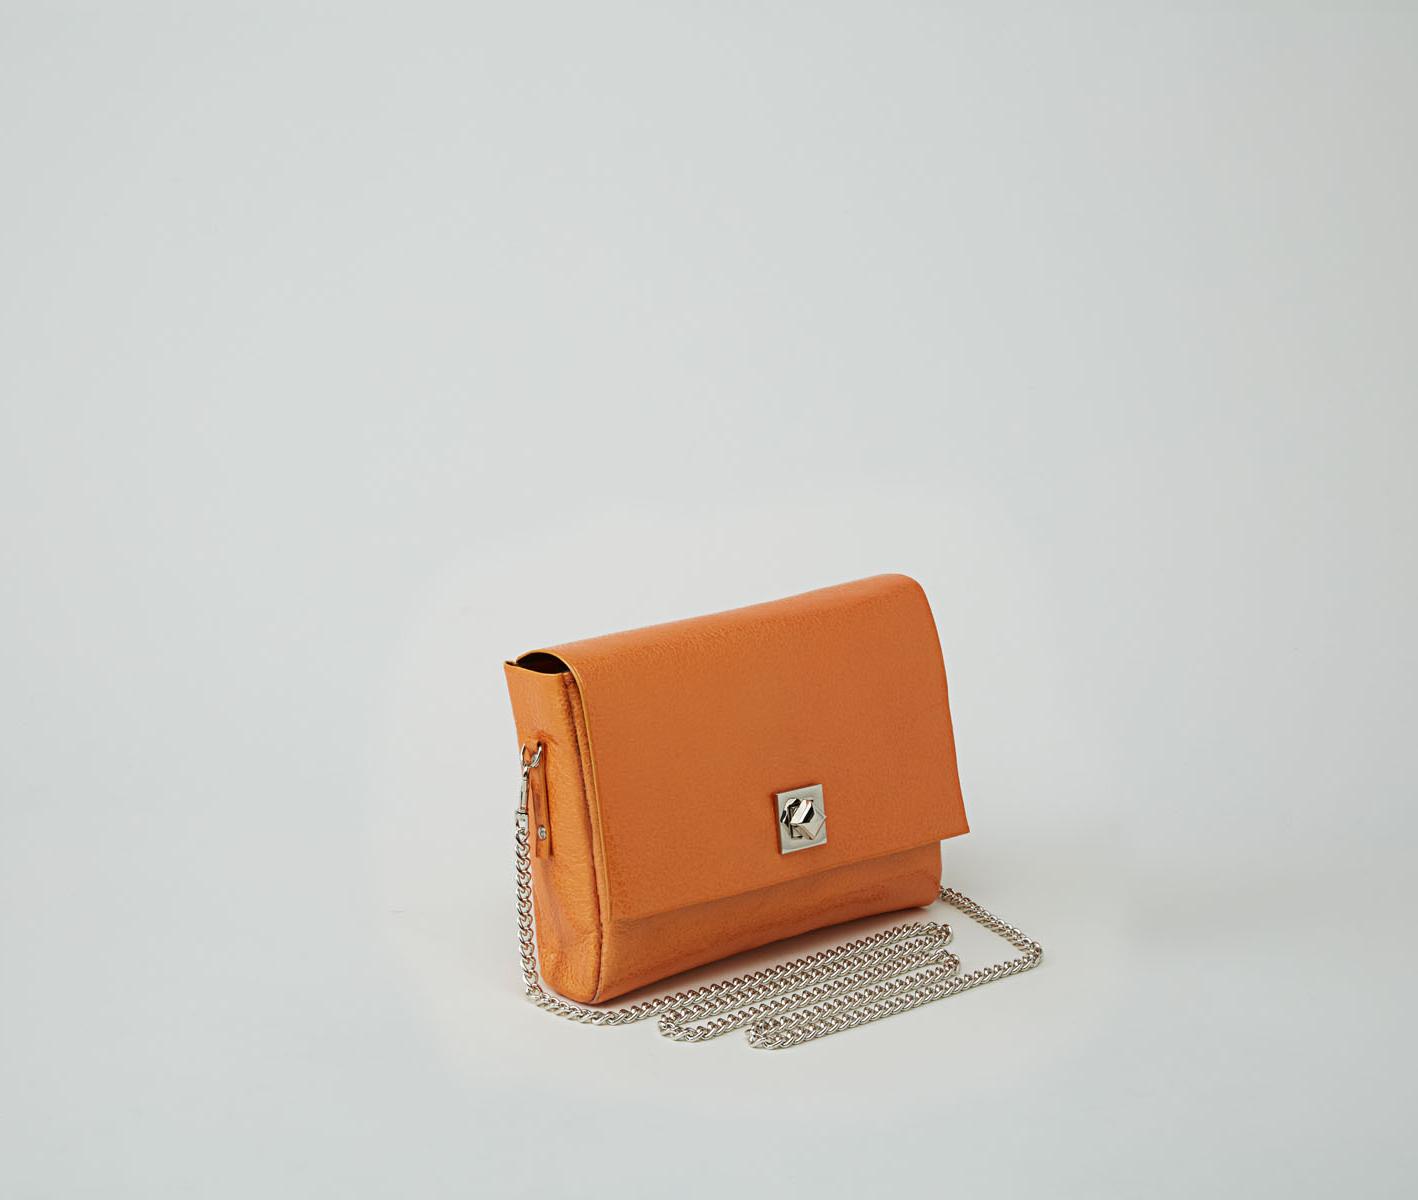 DHAULAGIRI sac bandoulière à chaine en cuir de veau métallisé verni orange